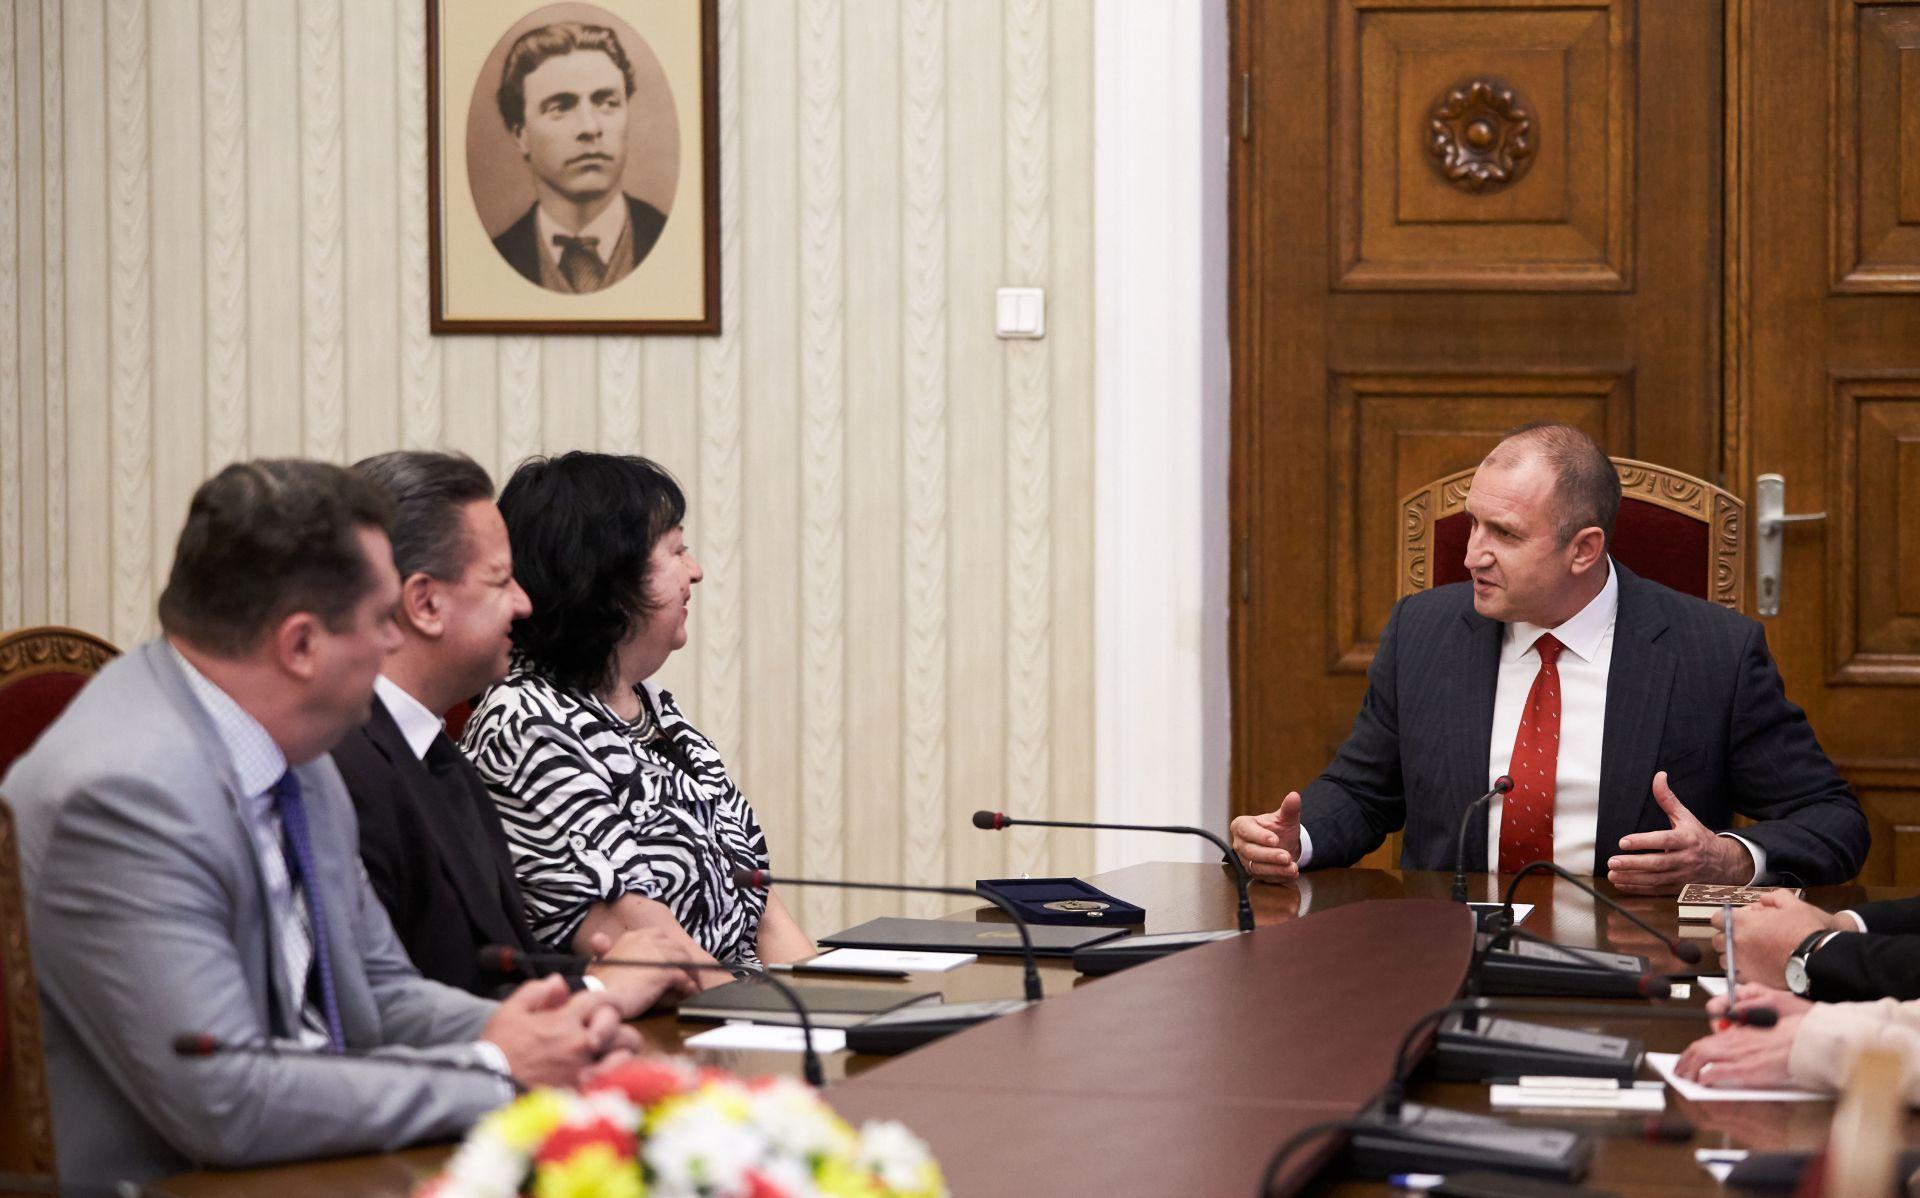 Представители на СБЖ, на среща с президента Румен Радев, по повод юбилейните годишнини /СНимка: Пресцентър на Президентството/